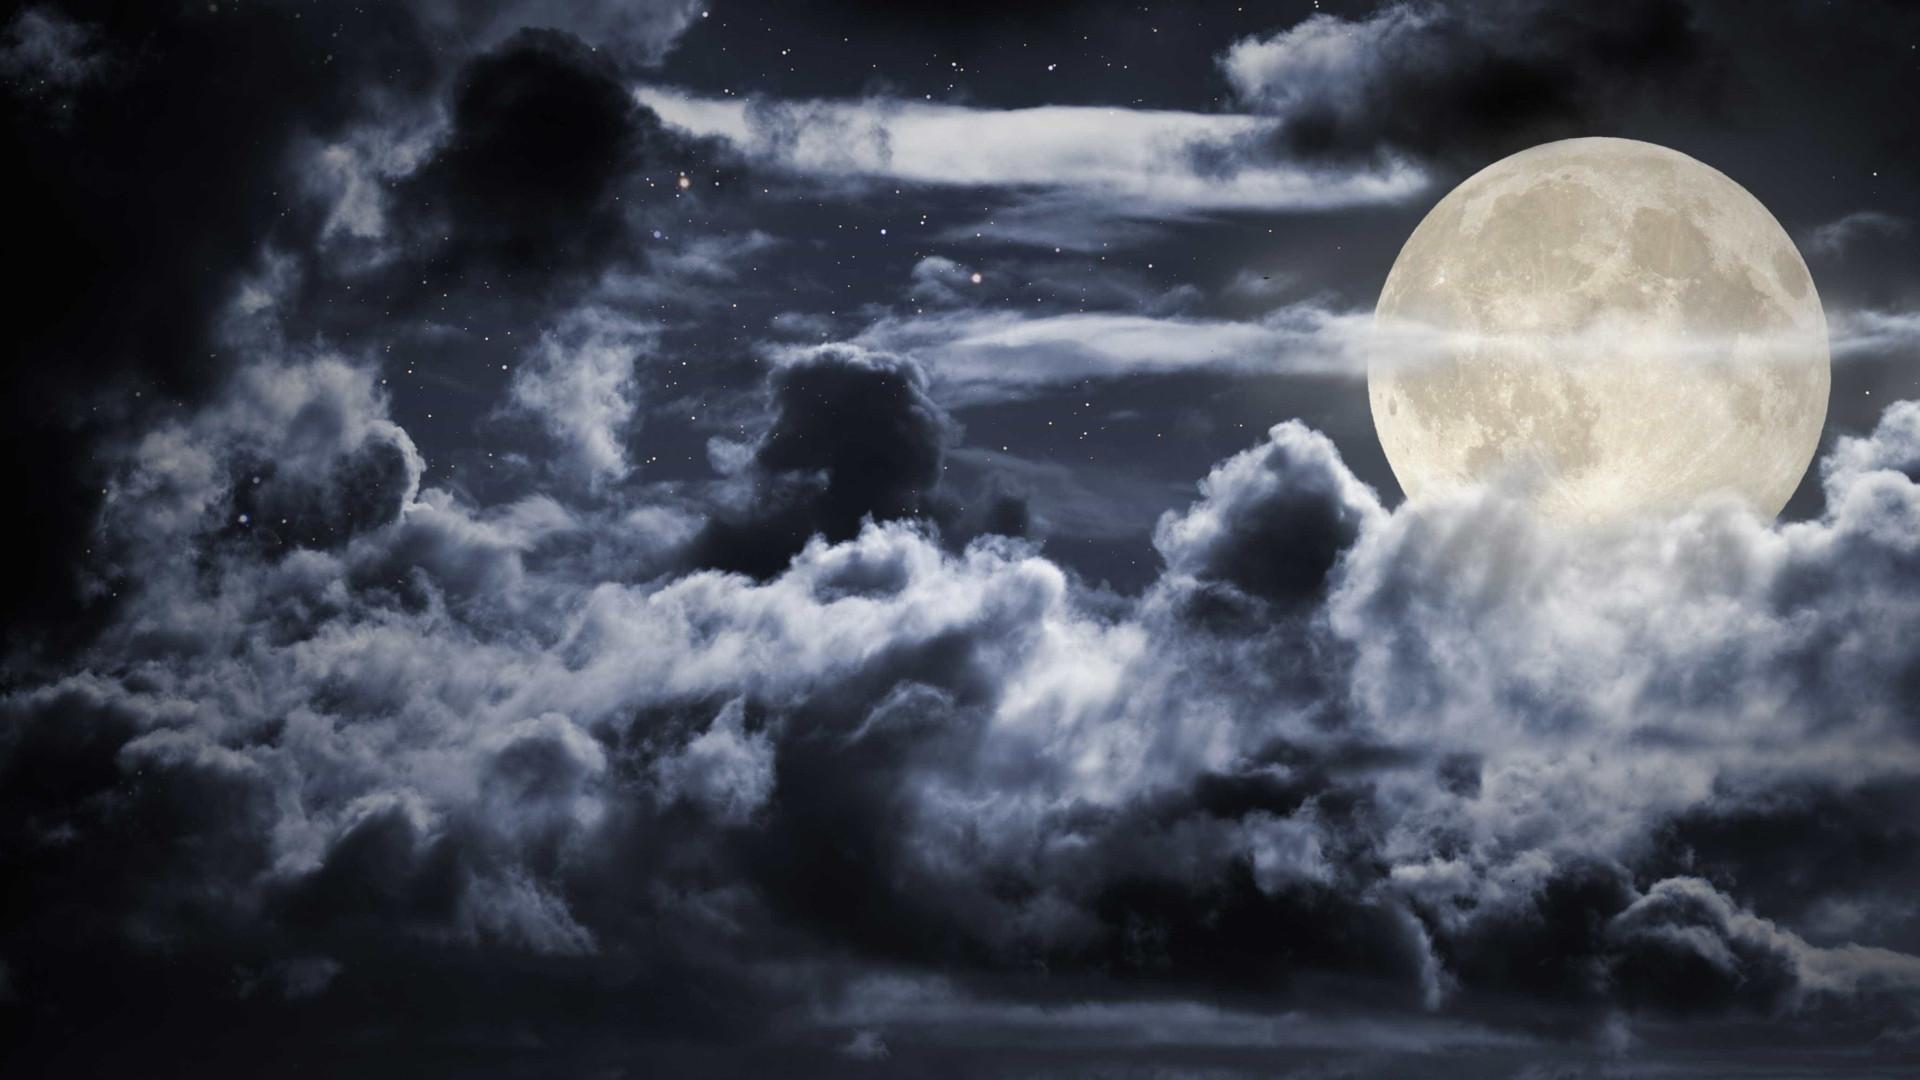 Sonda chinesa envia novas imagens do lado oculto da Lua